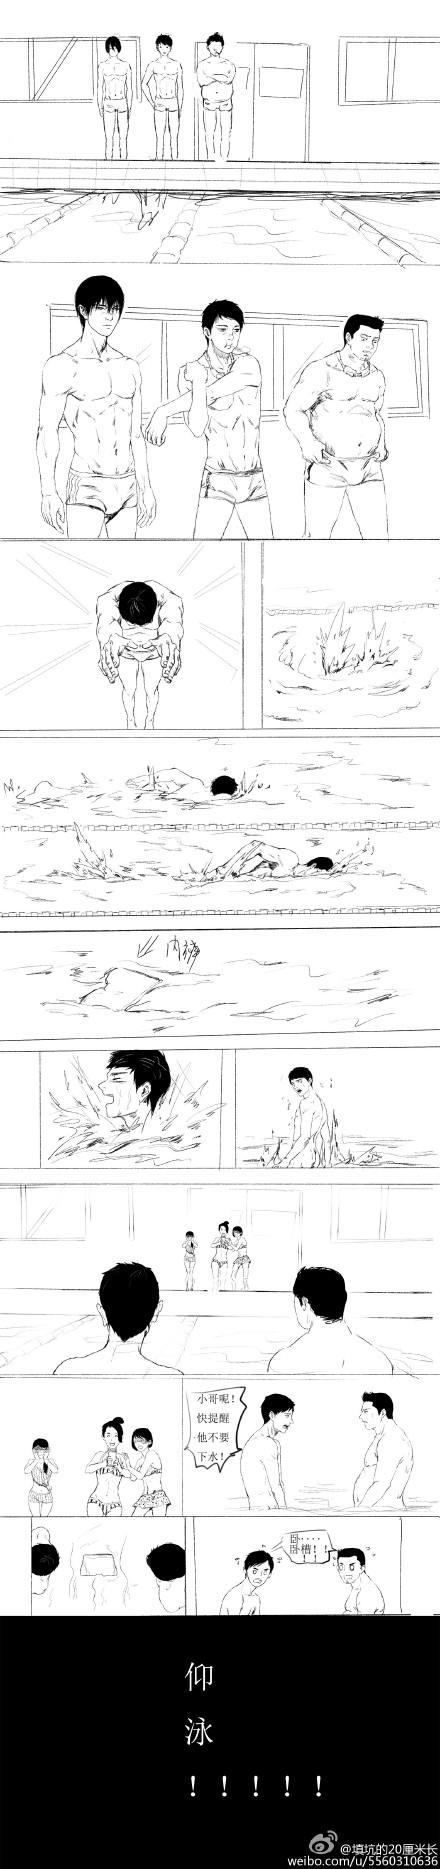 和小哥一起去游泳